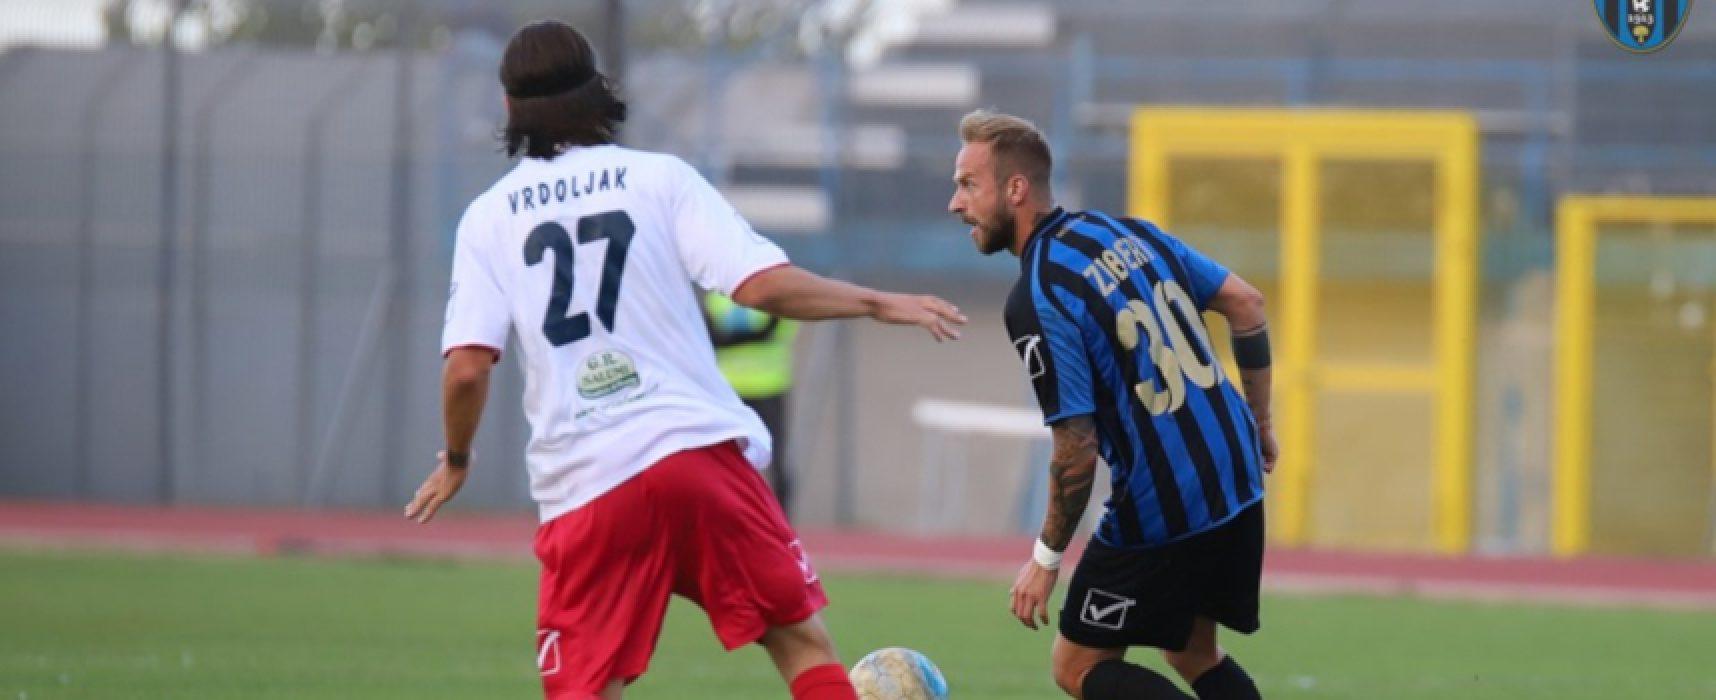 Bisceglie Calcio di scena a Catania per il turno infrasettimanale